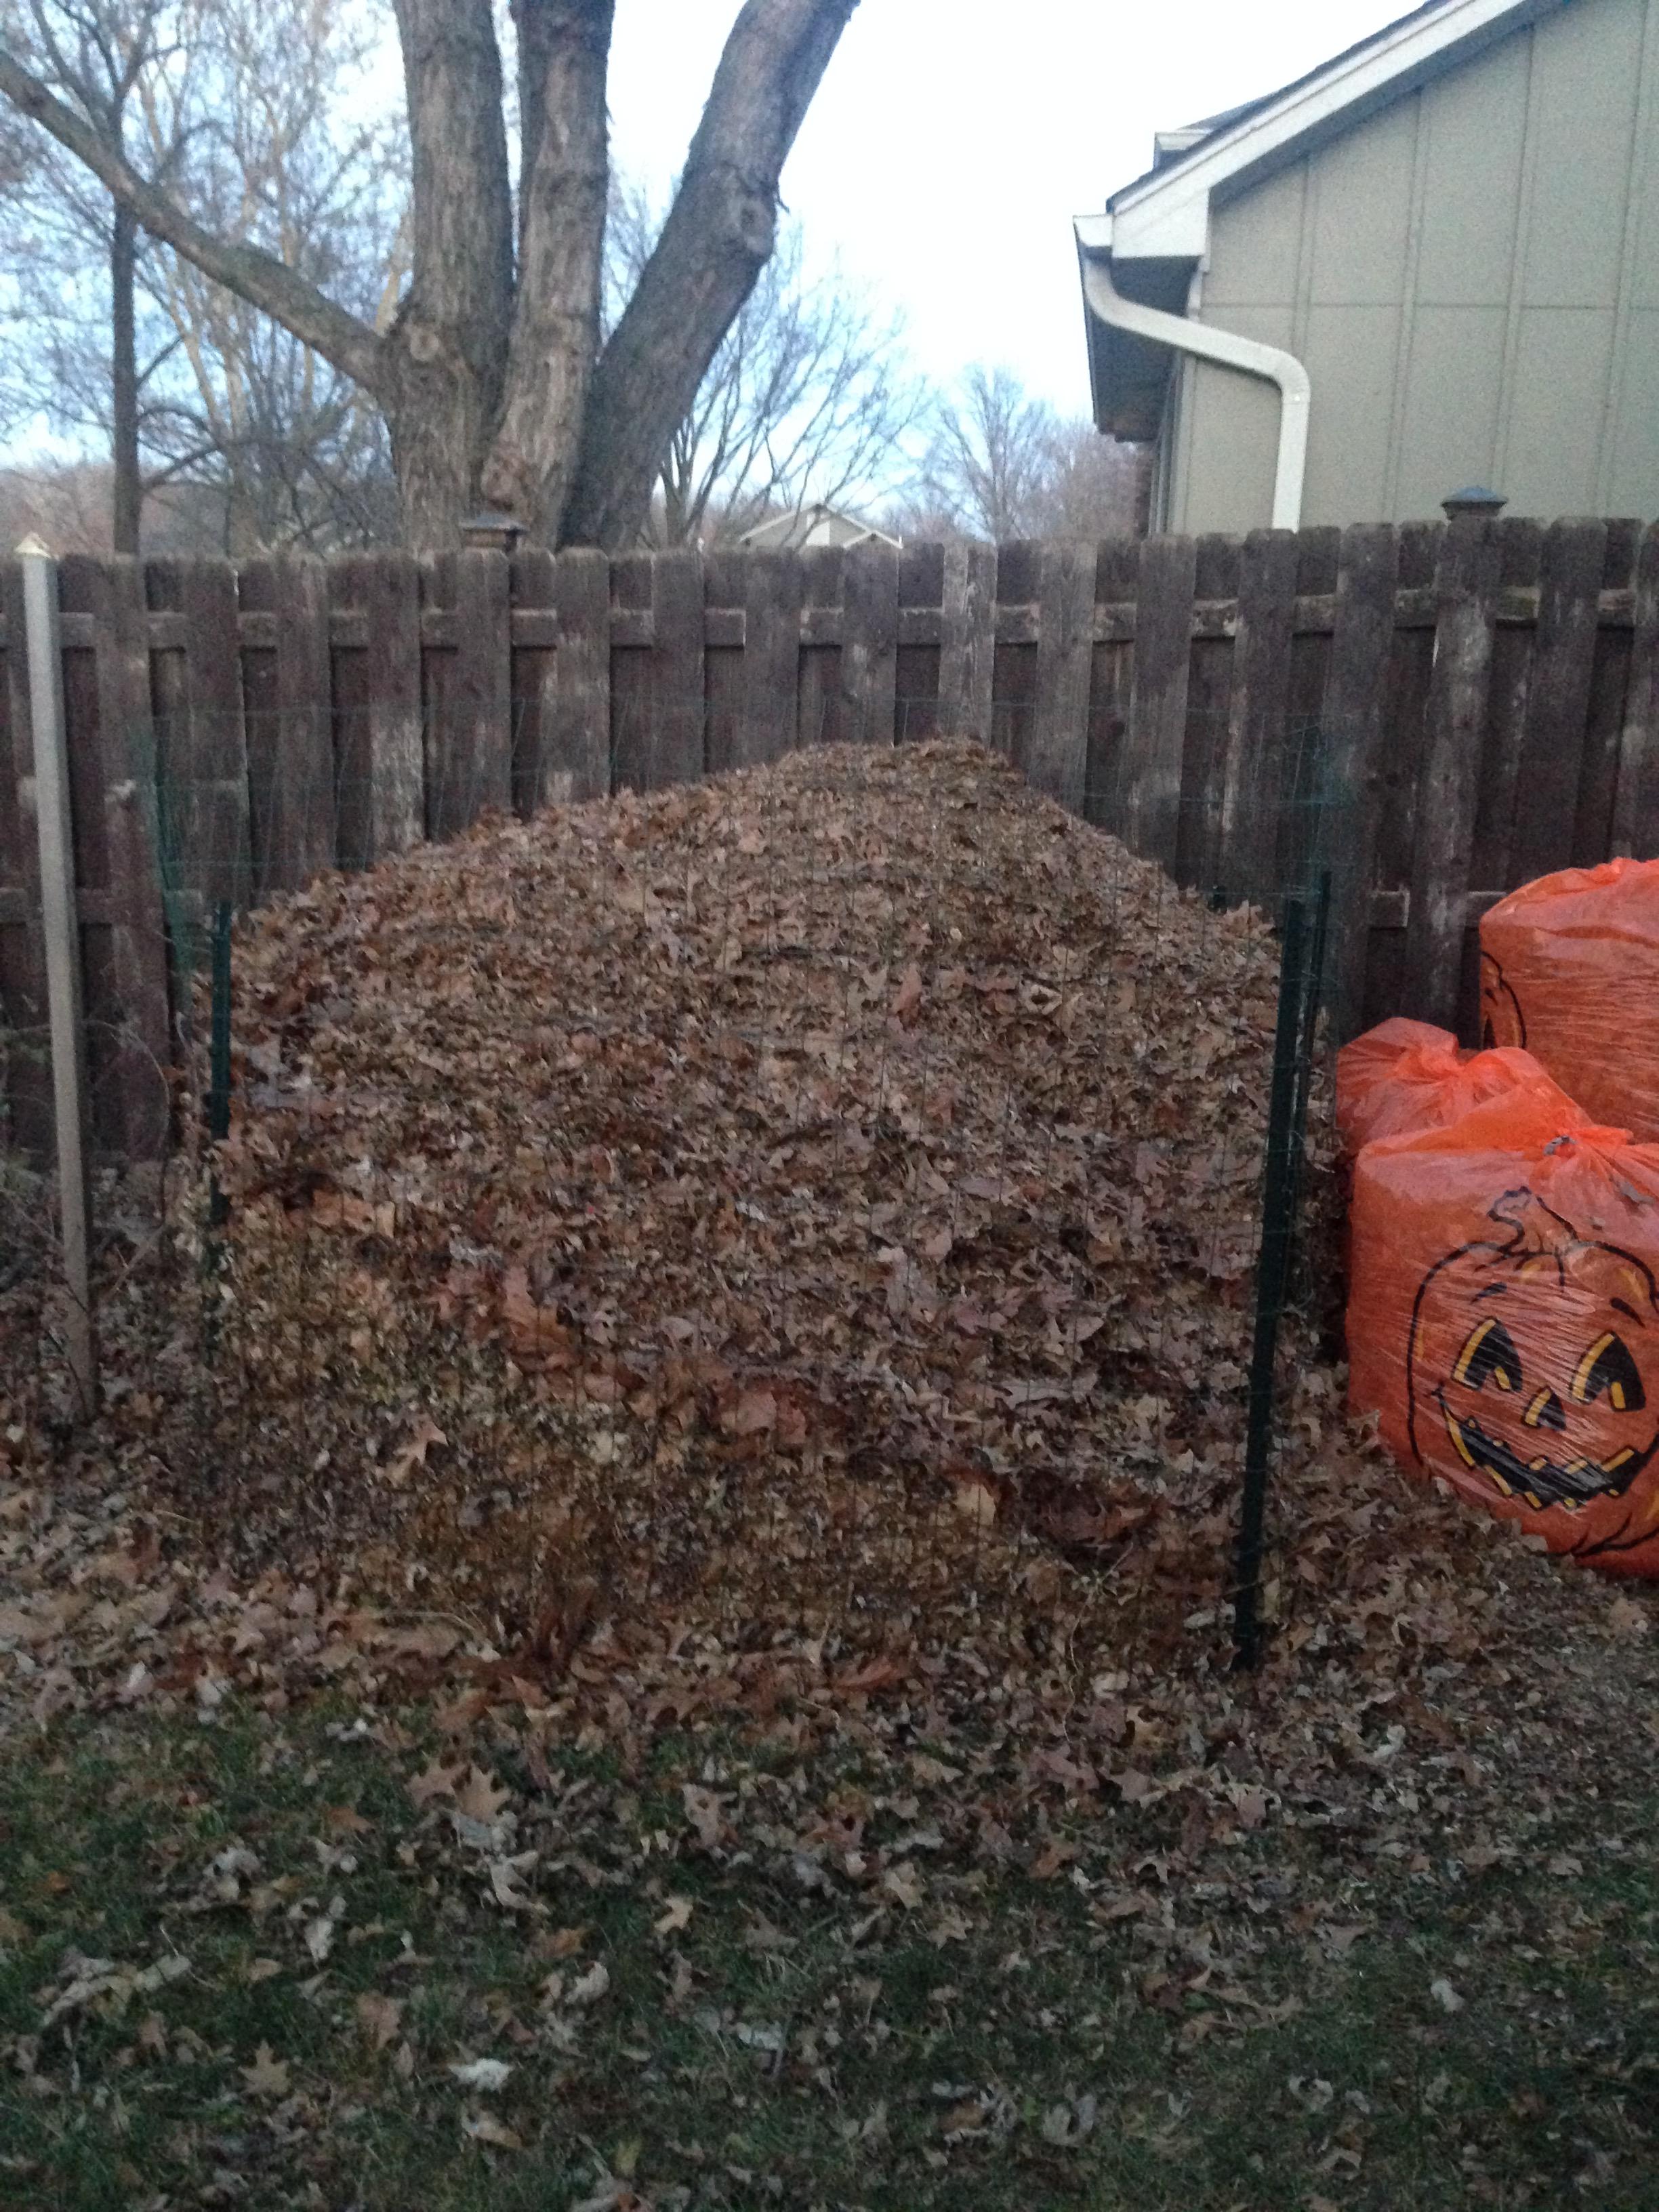 Leaf Pile - November 17